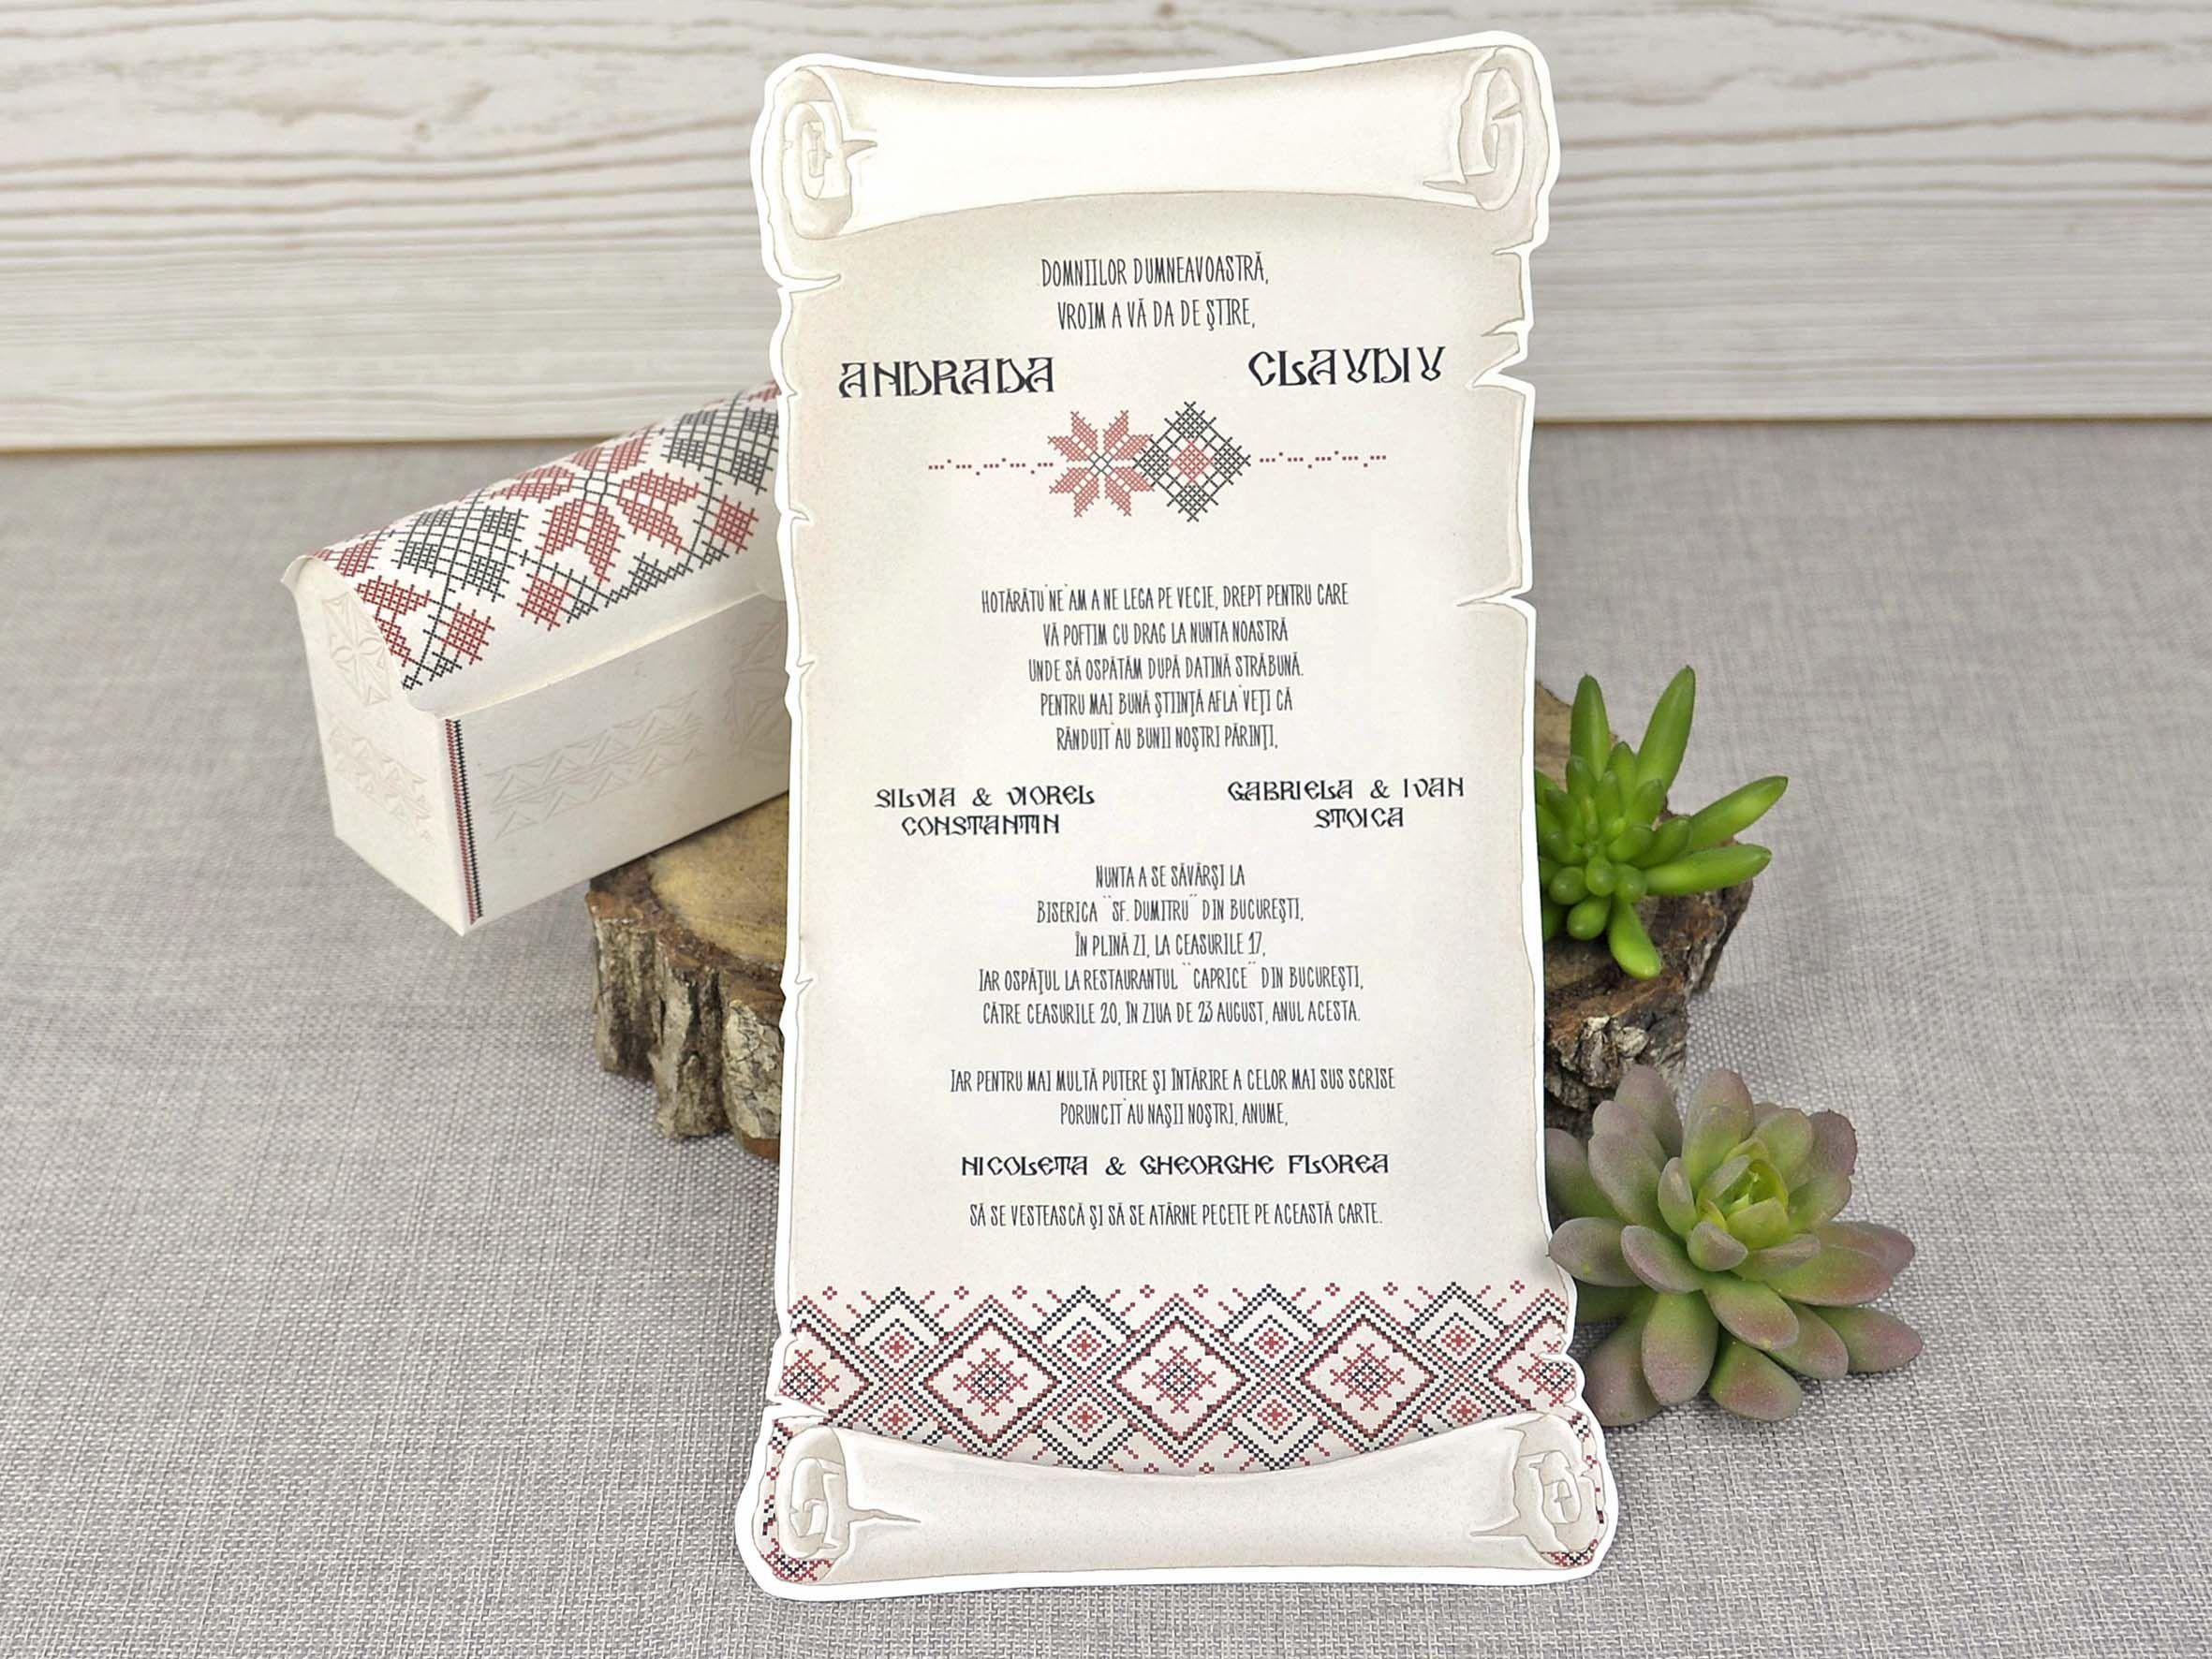 Invitatie nunta cod 39347